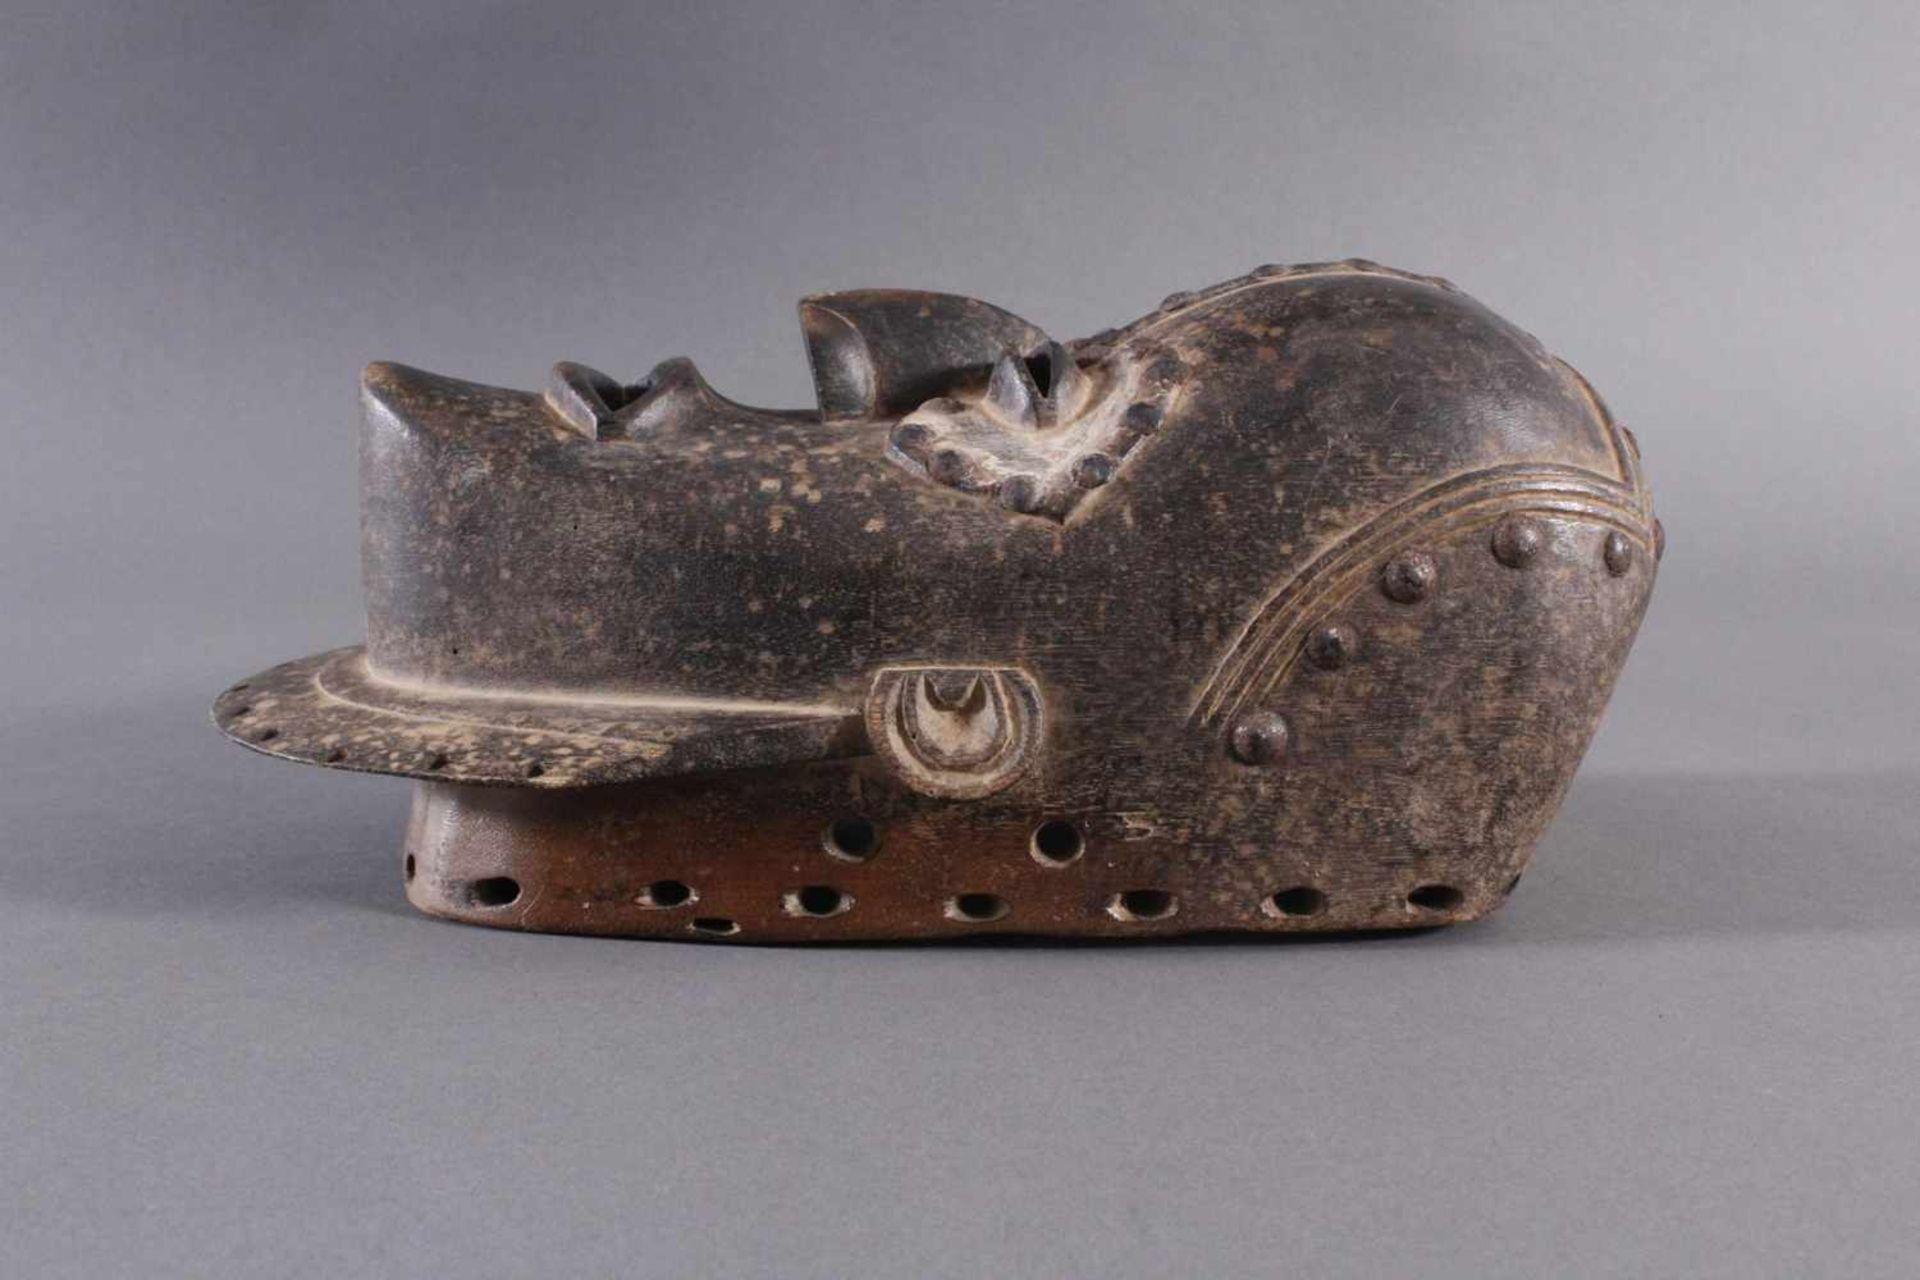 Antike Maske, Baule, Elfenbeinküste 1. Hälfte 20. Jh.Holz geschnitzt, dunkle Patina, Reste weißer - Bild 5 aus 6